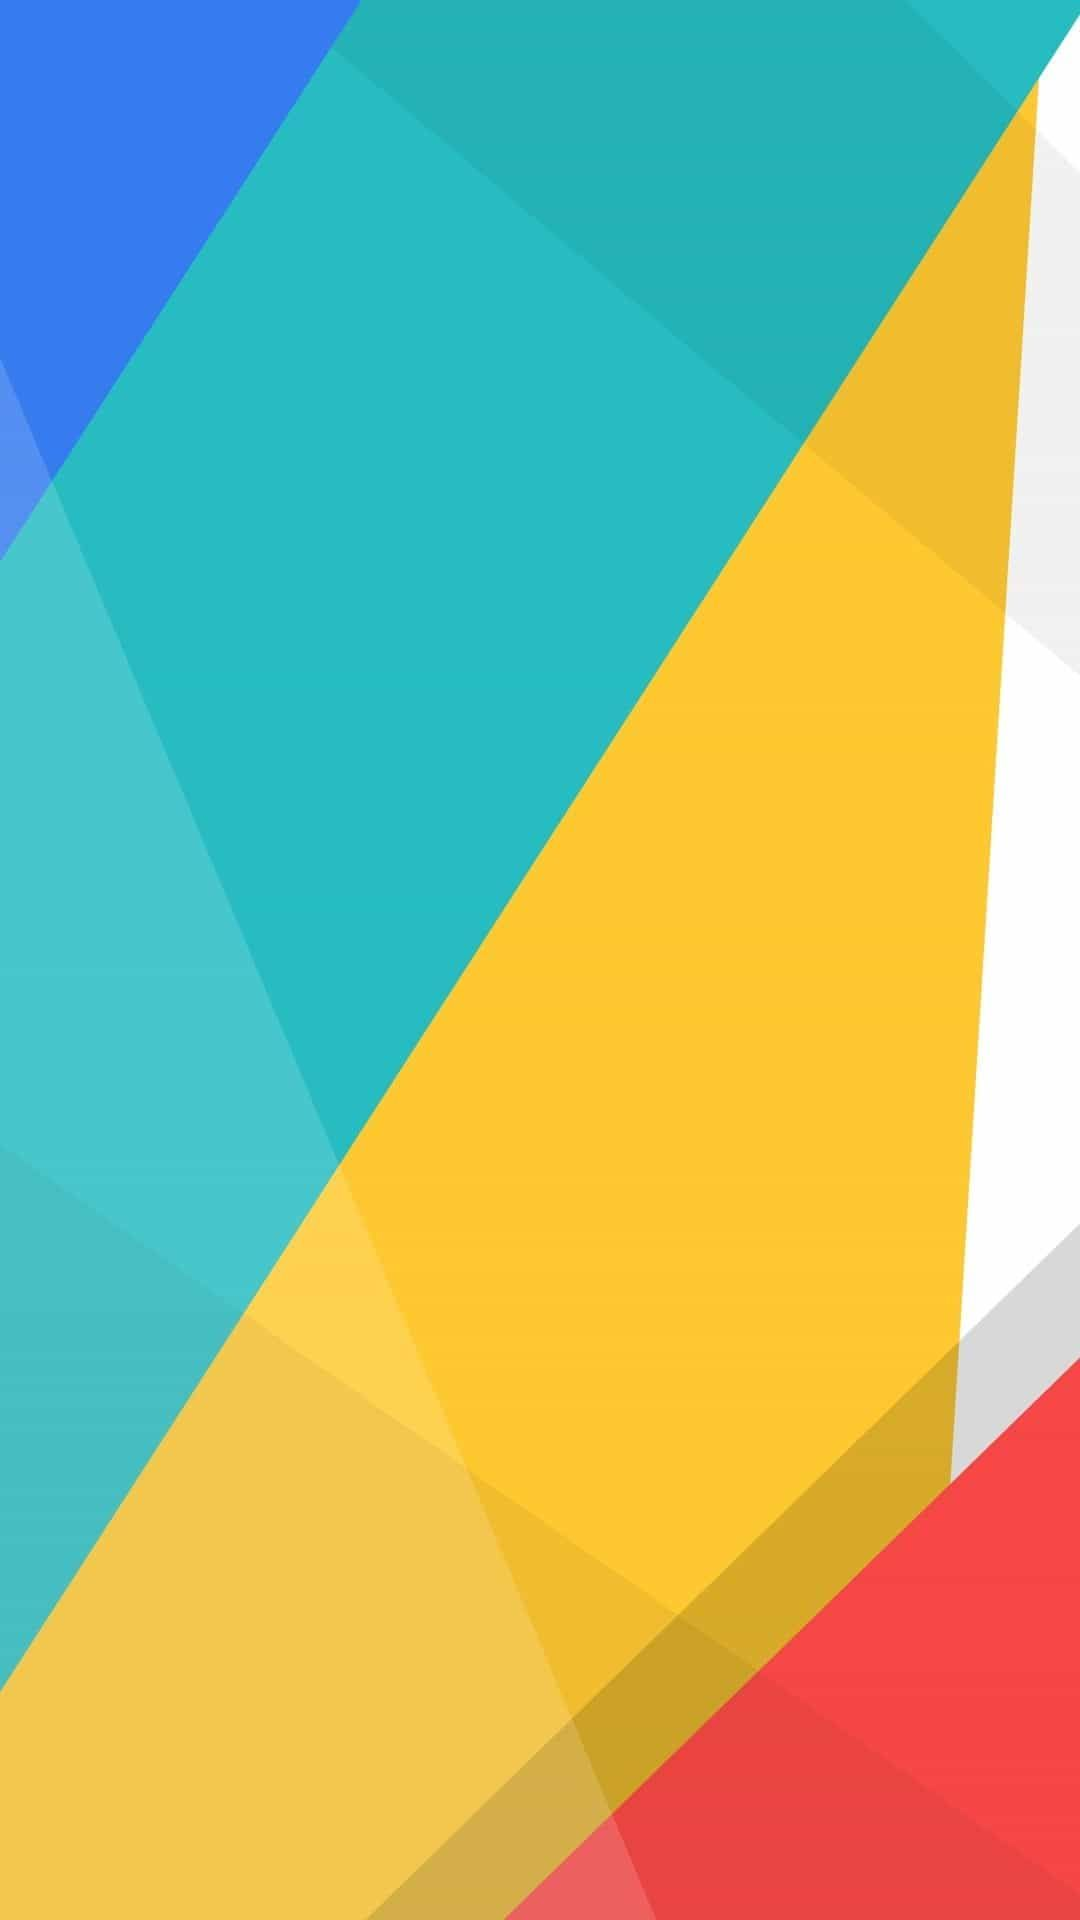 خلفيات ايفون Apple Logo Wallpaper Iphone Lockscreen Wallpaper Iphone Wallpaper Video